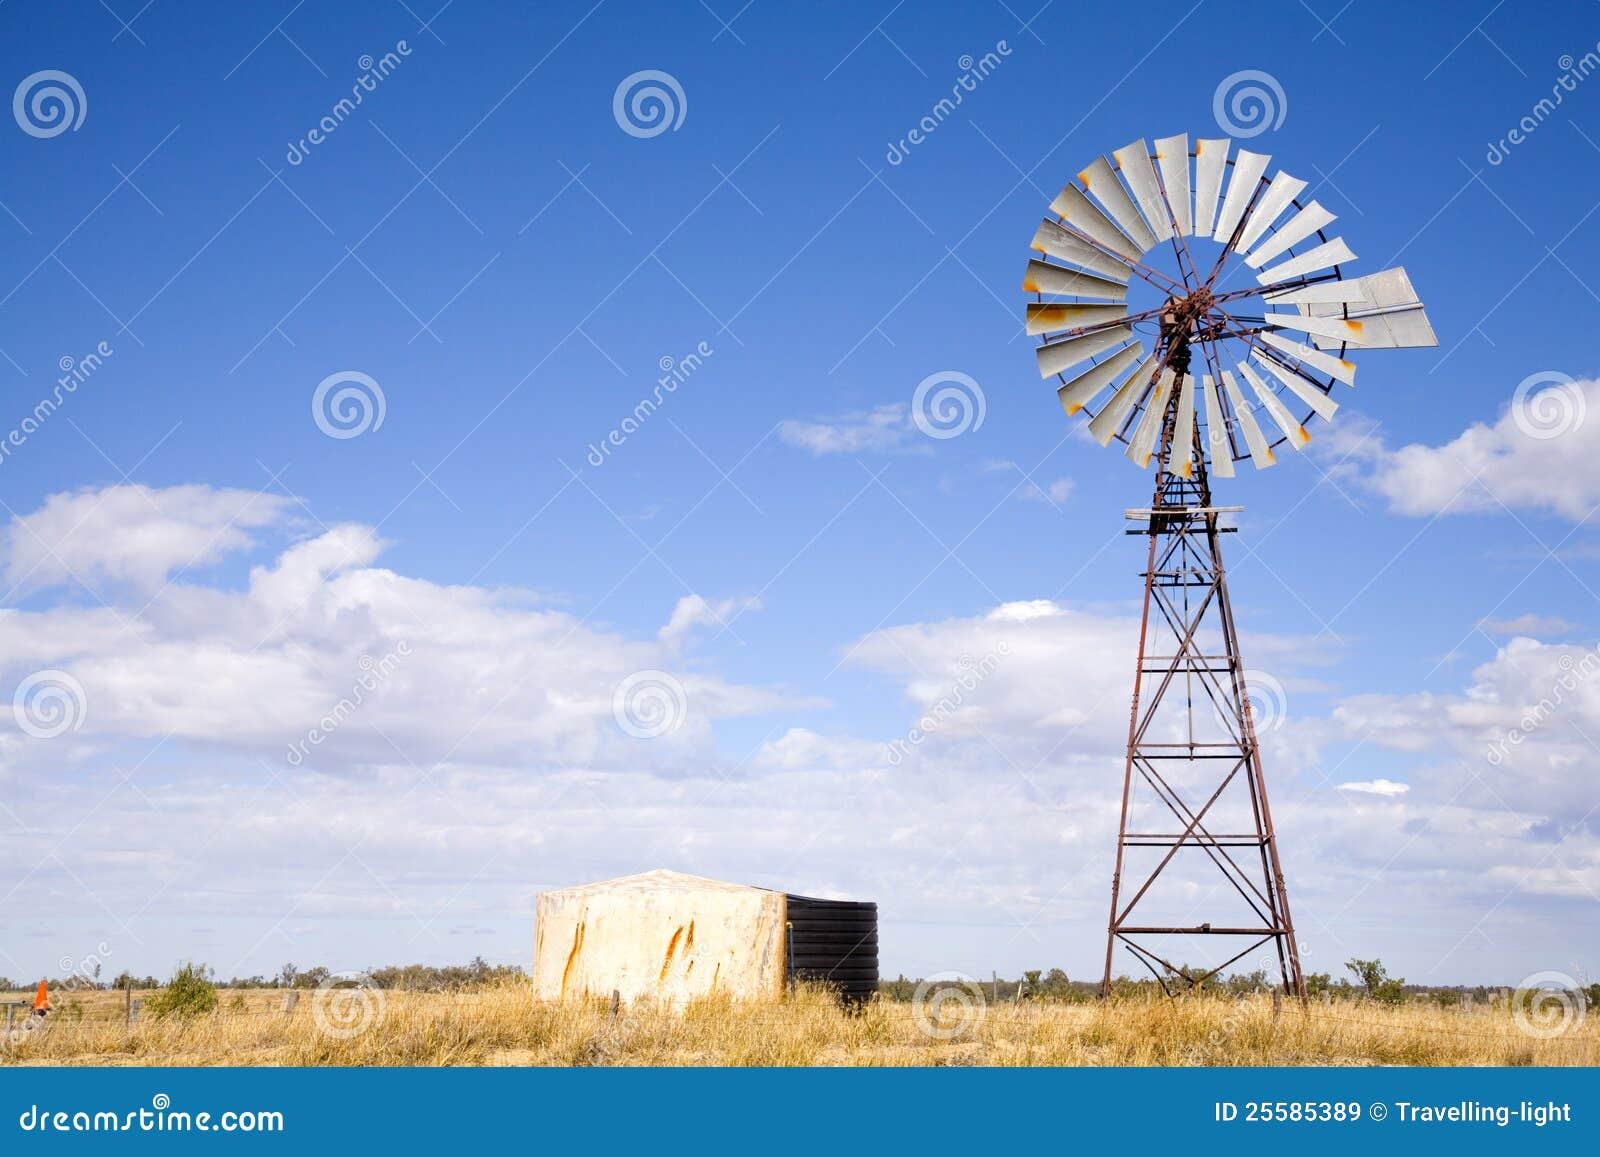 Windpump no interior Austrália